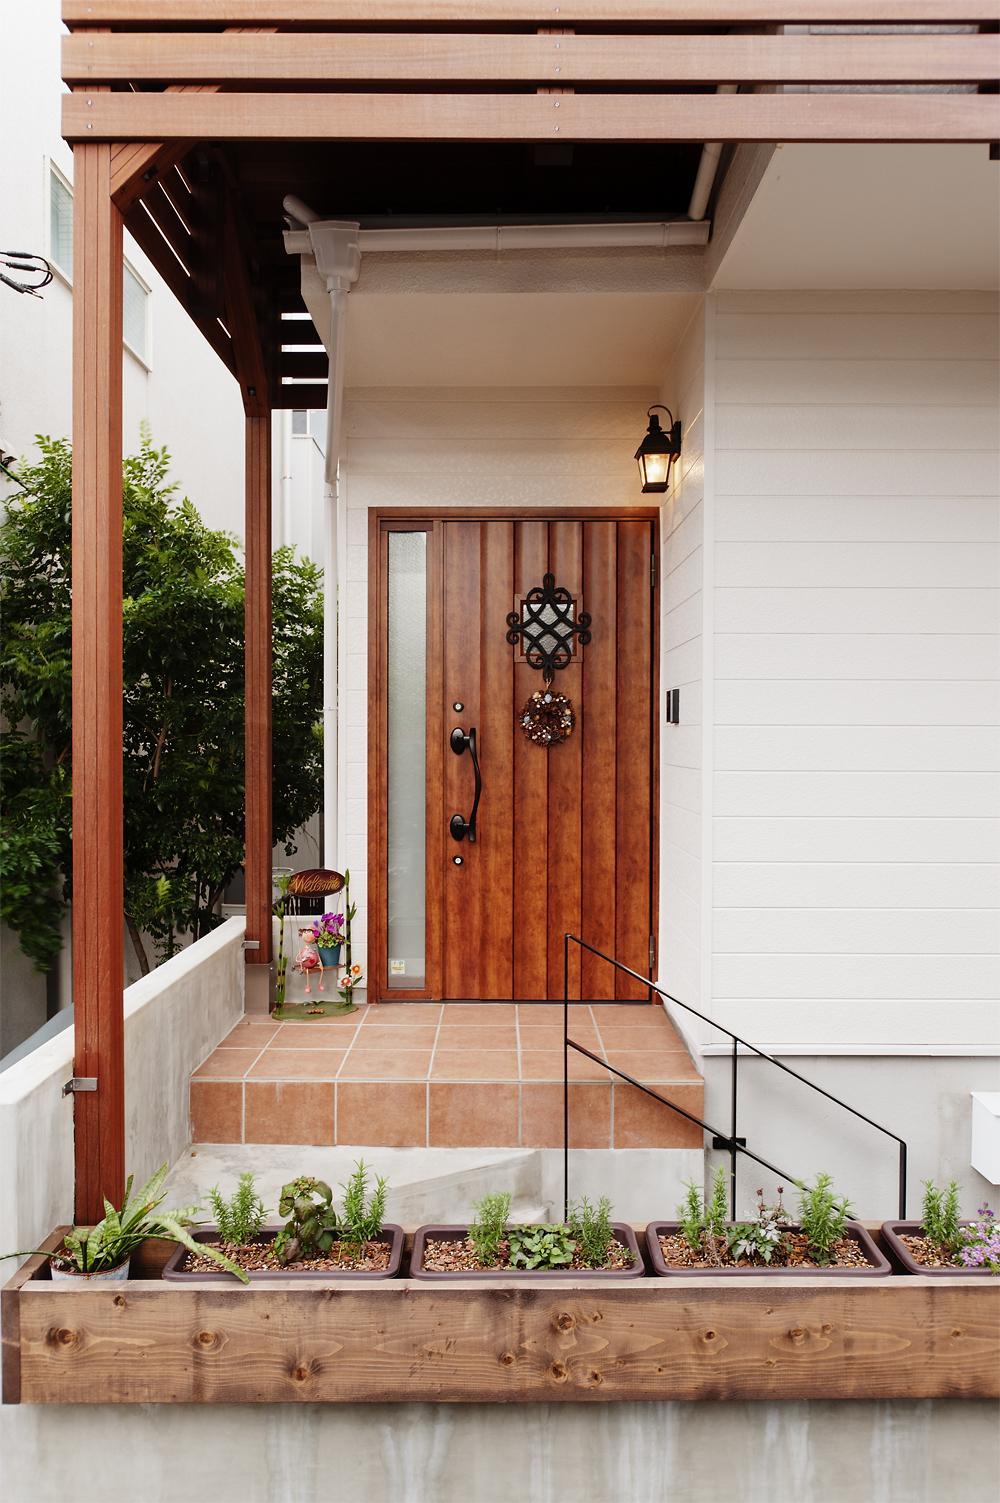 リフォーム・リノベーション会社:スタイル工房「T邸・家族のくらしをより楽しく豊かにするとっておきの家」